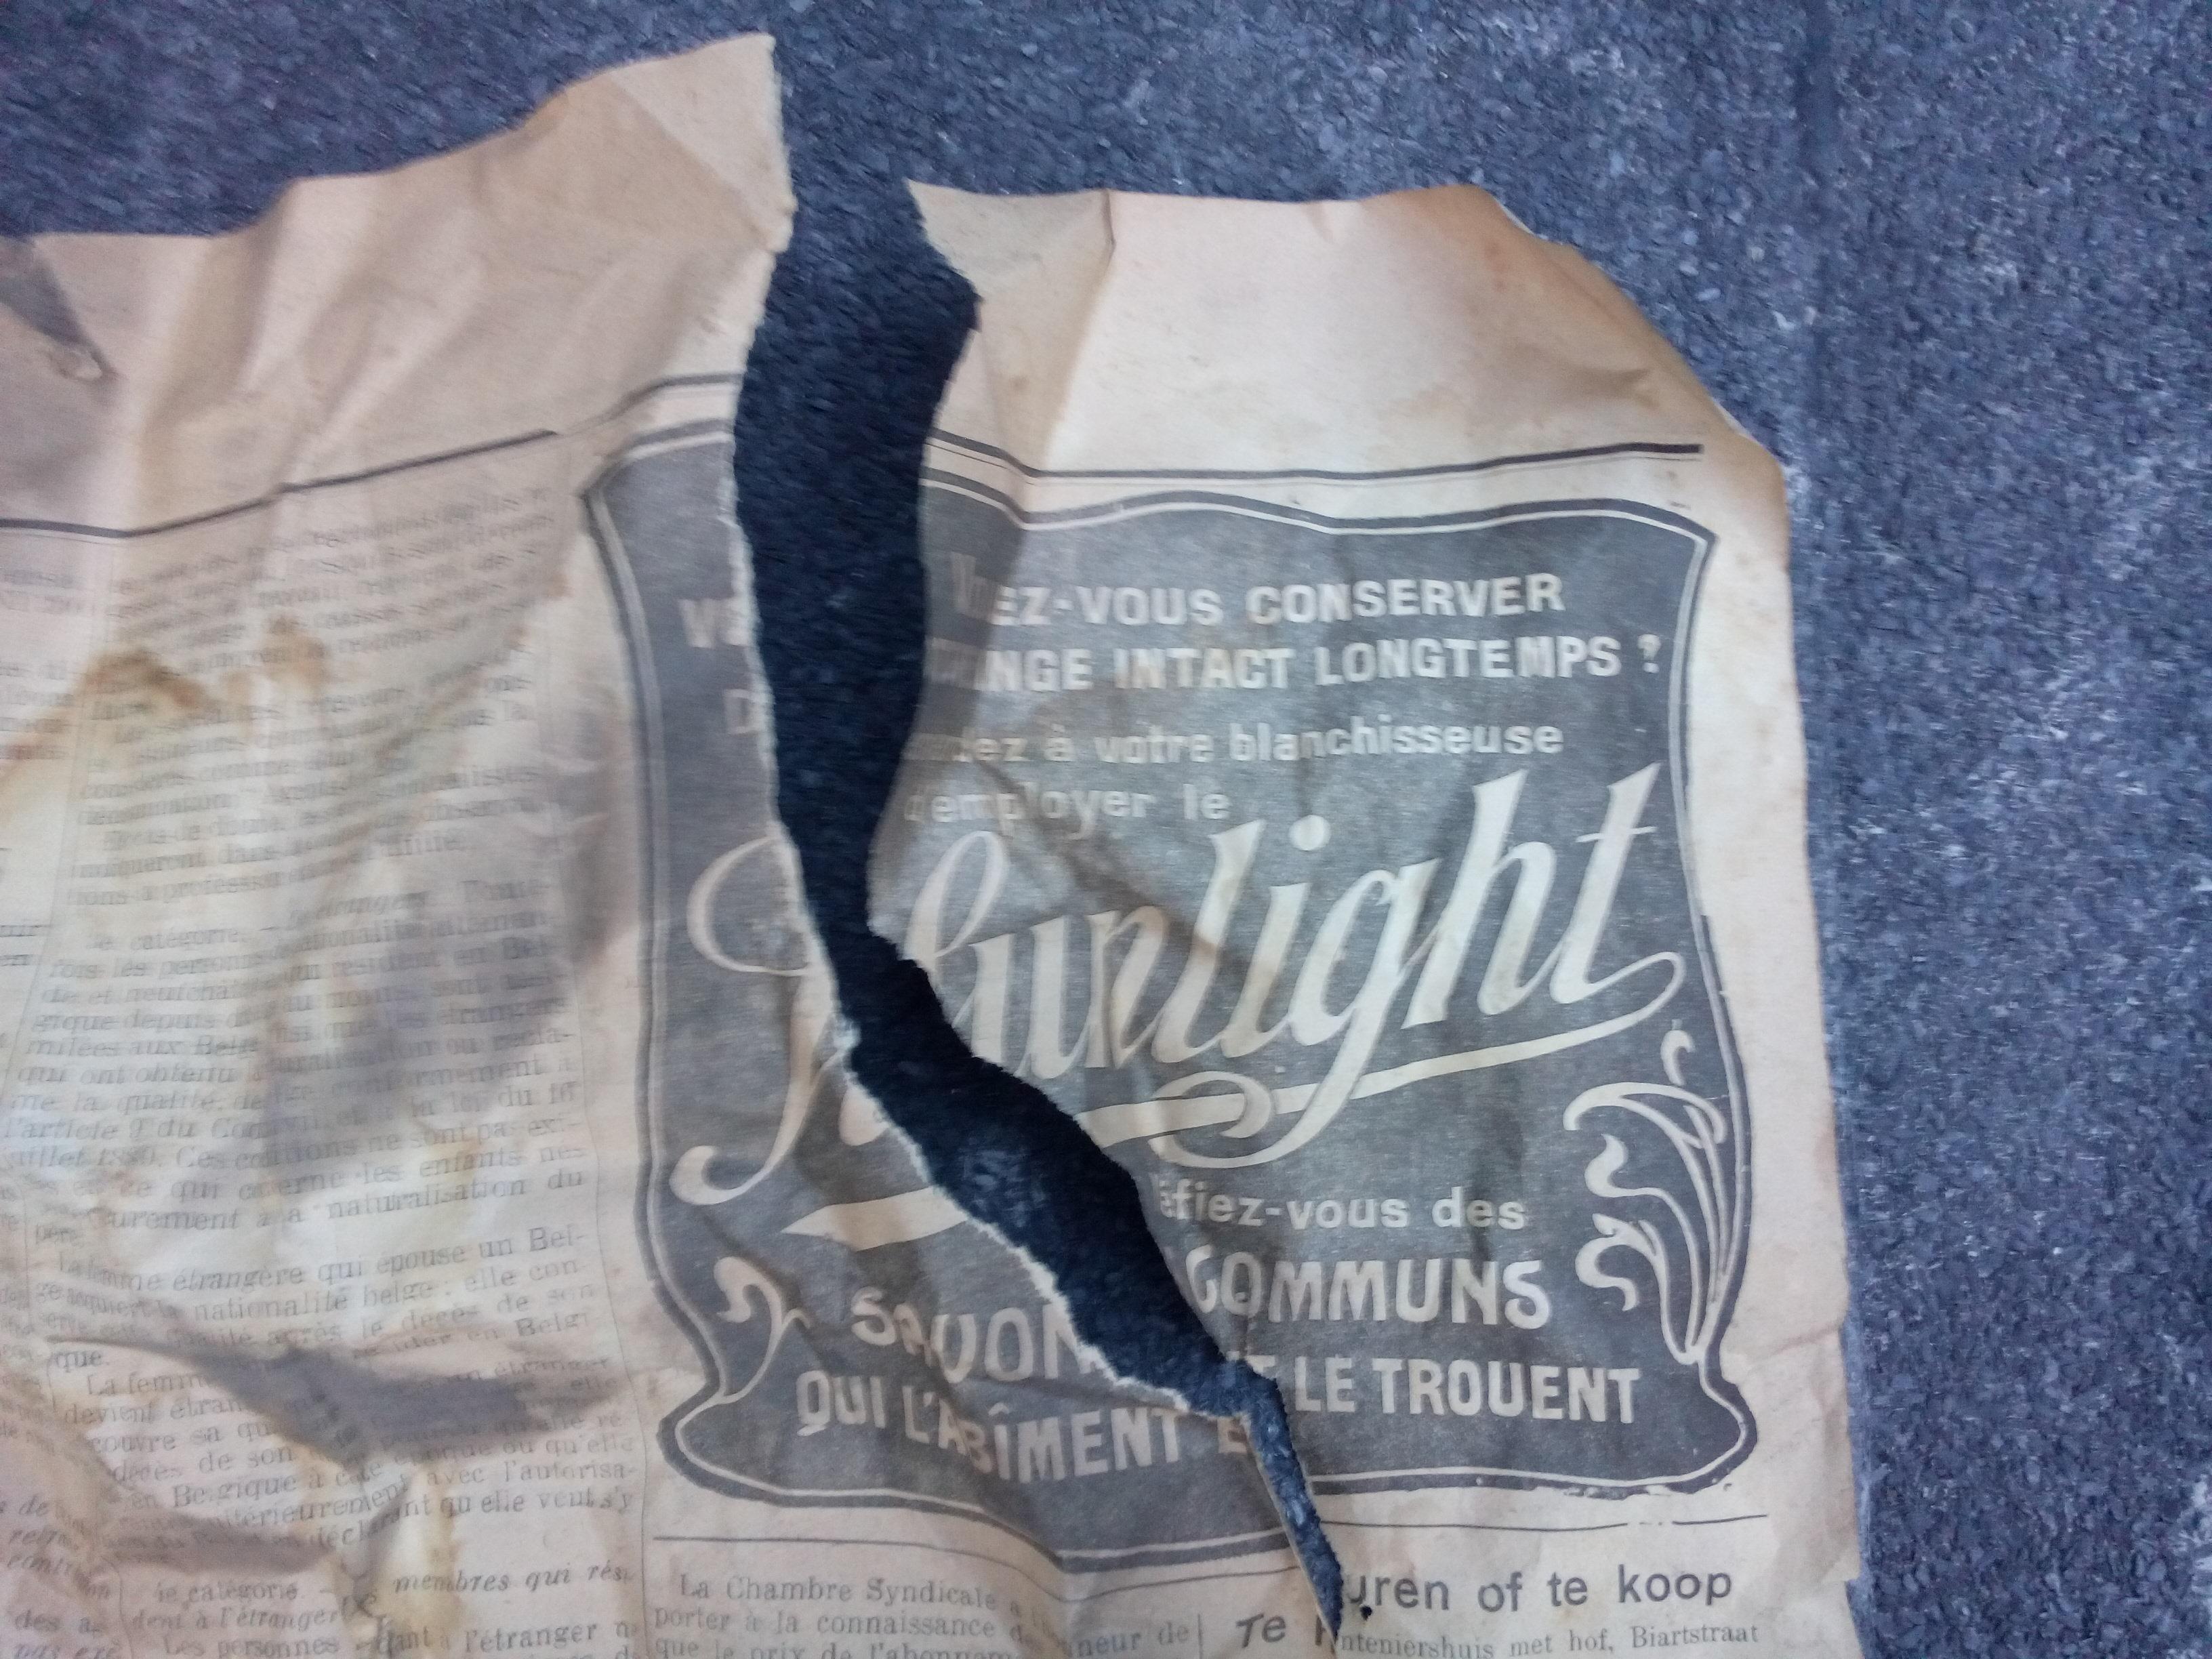 krant vloer sunlight gescheurd